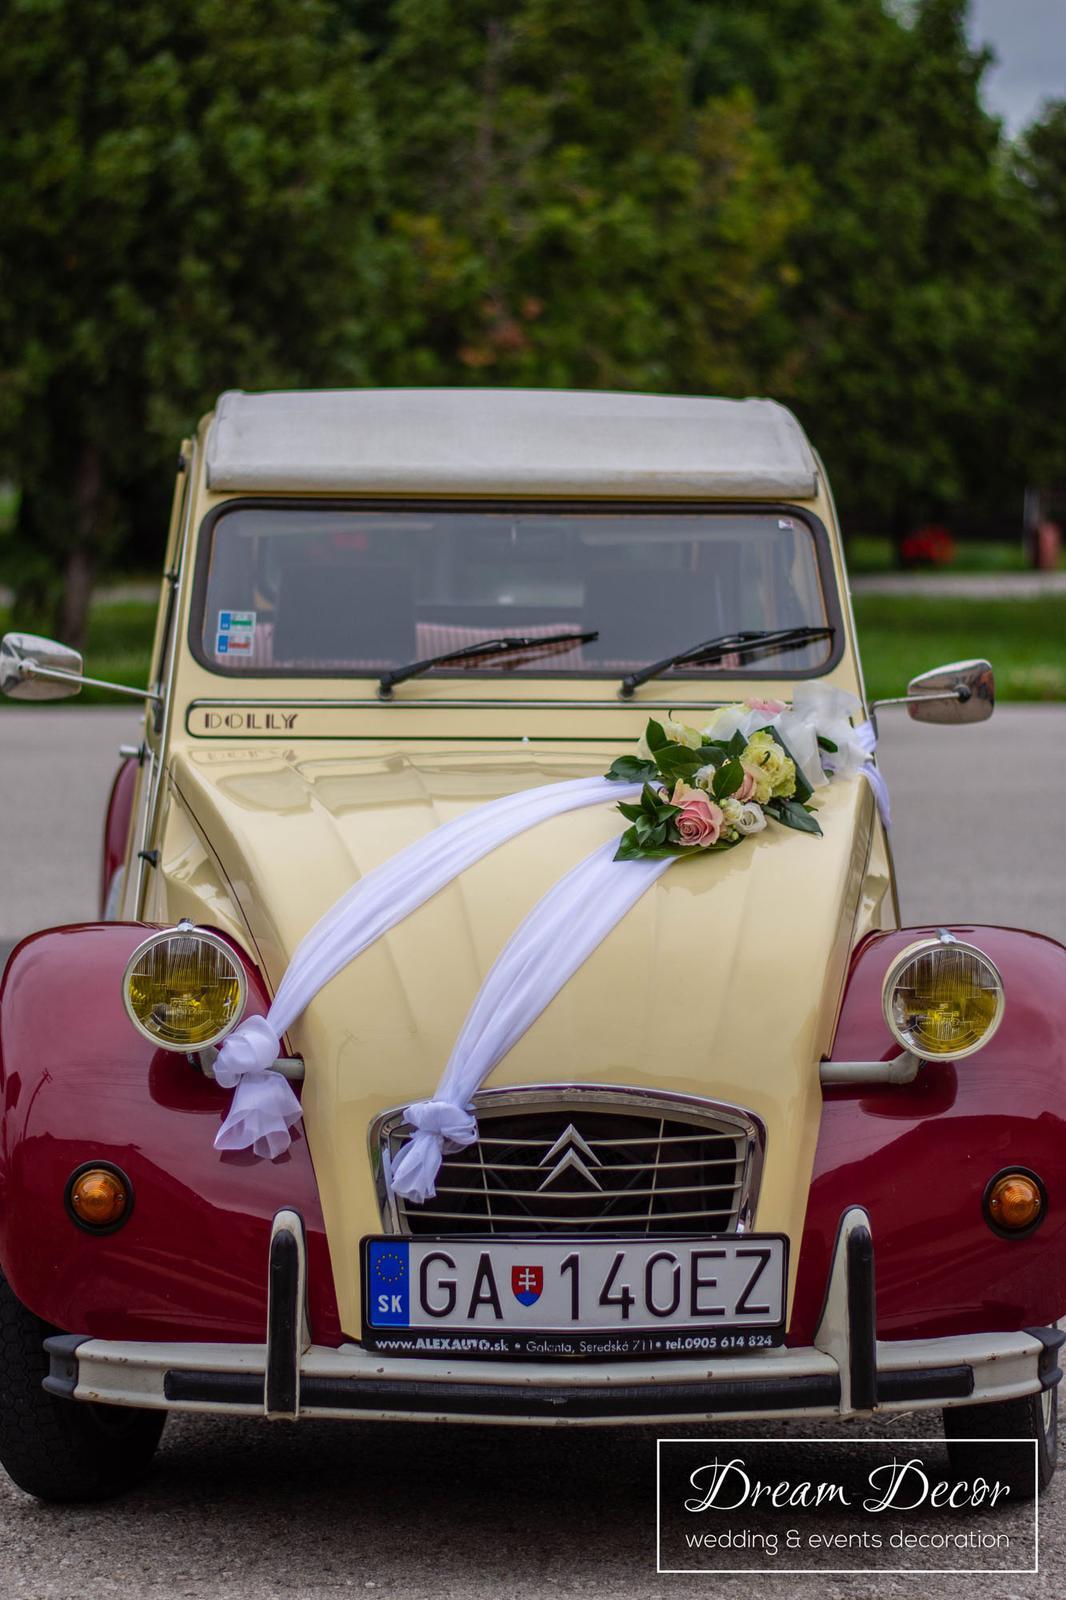 Svadobná výzdoba reštaurácie Mona Dolné Saliby - Výzdoba svadobného auta - Dream Decor